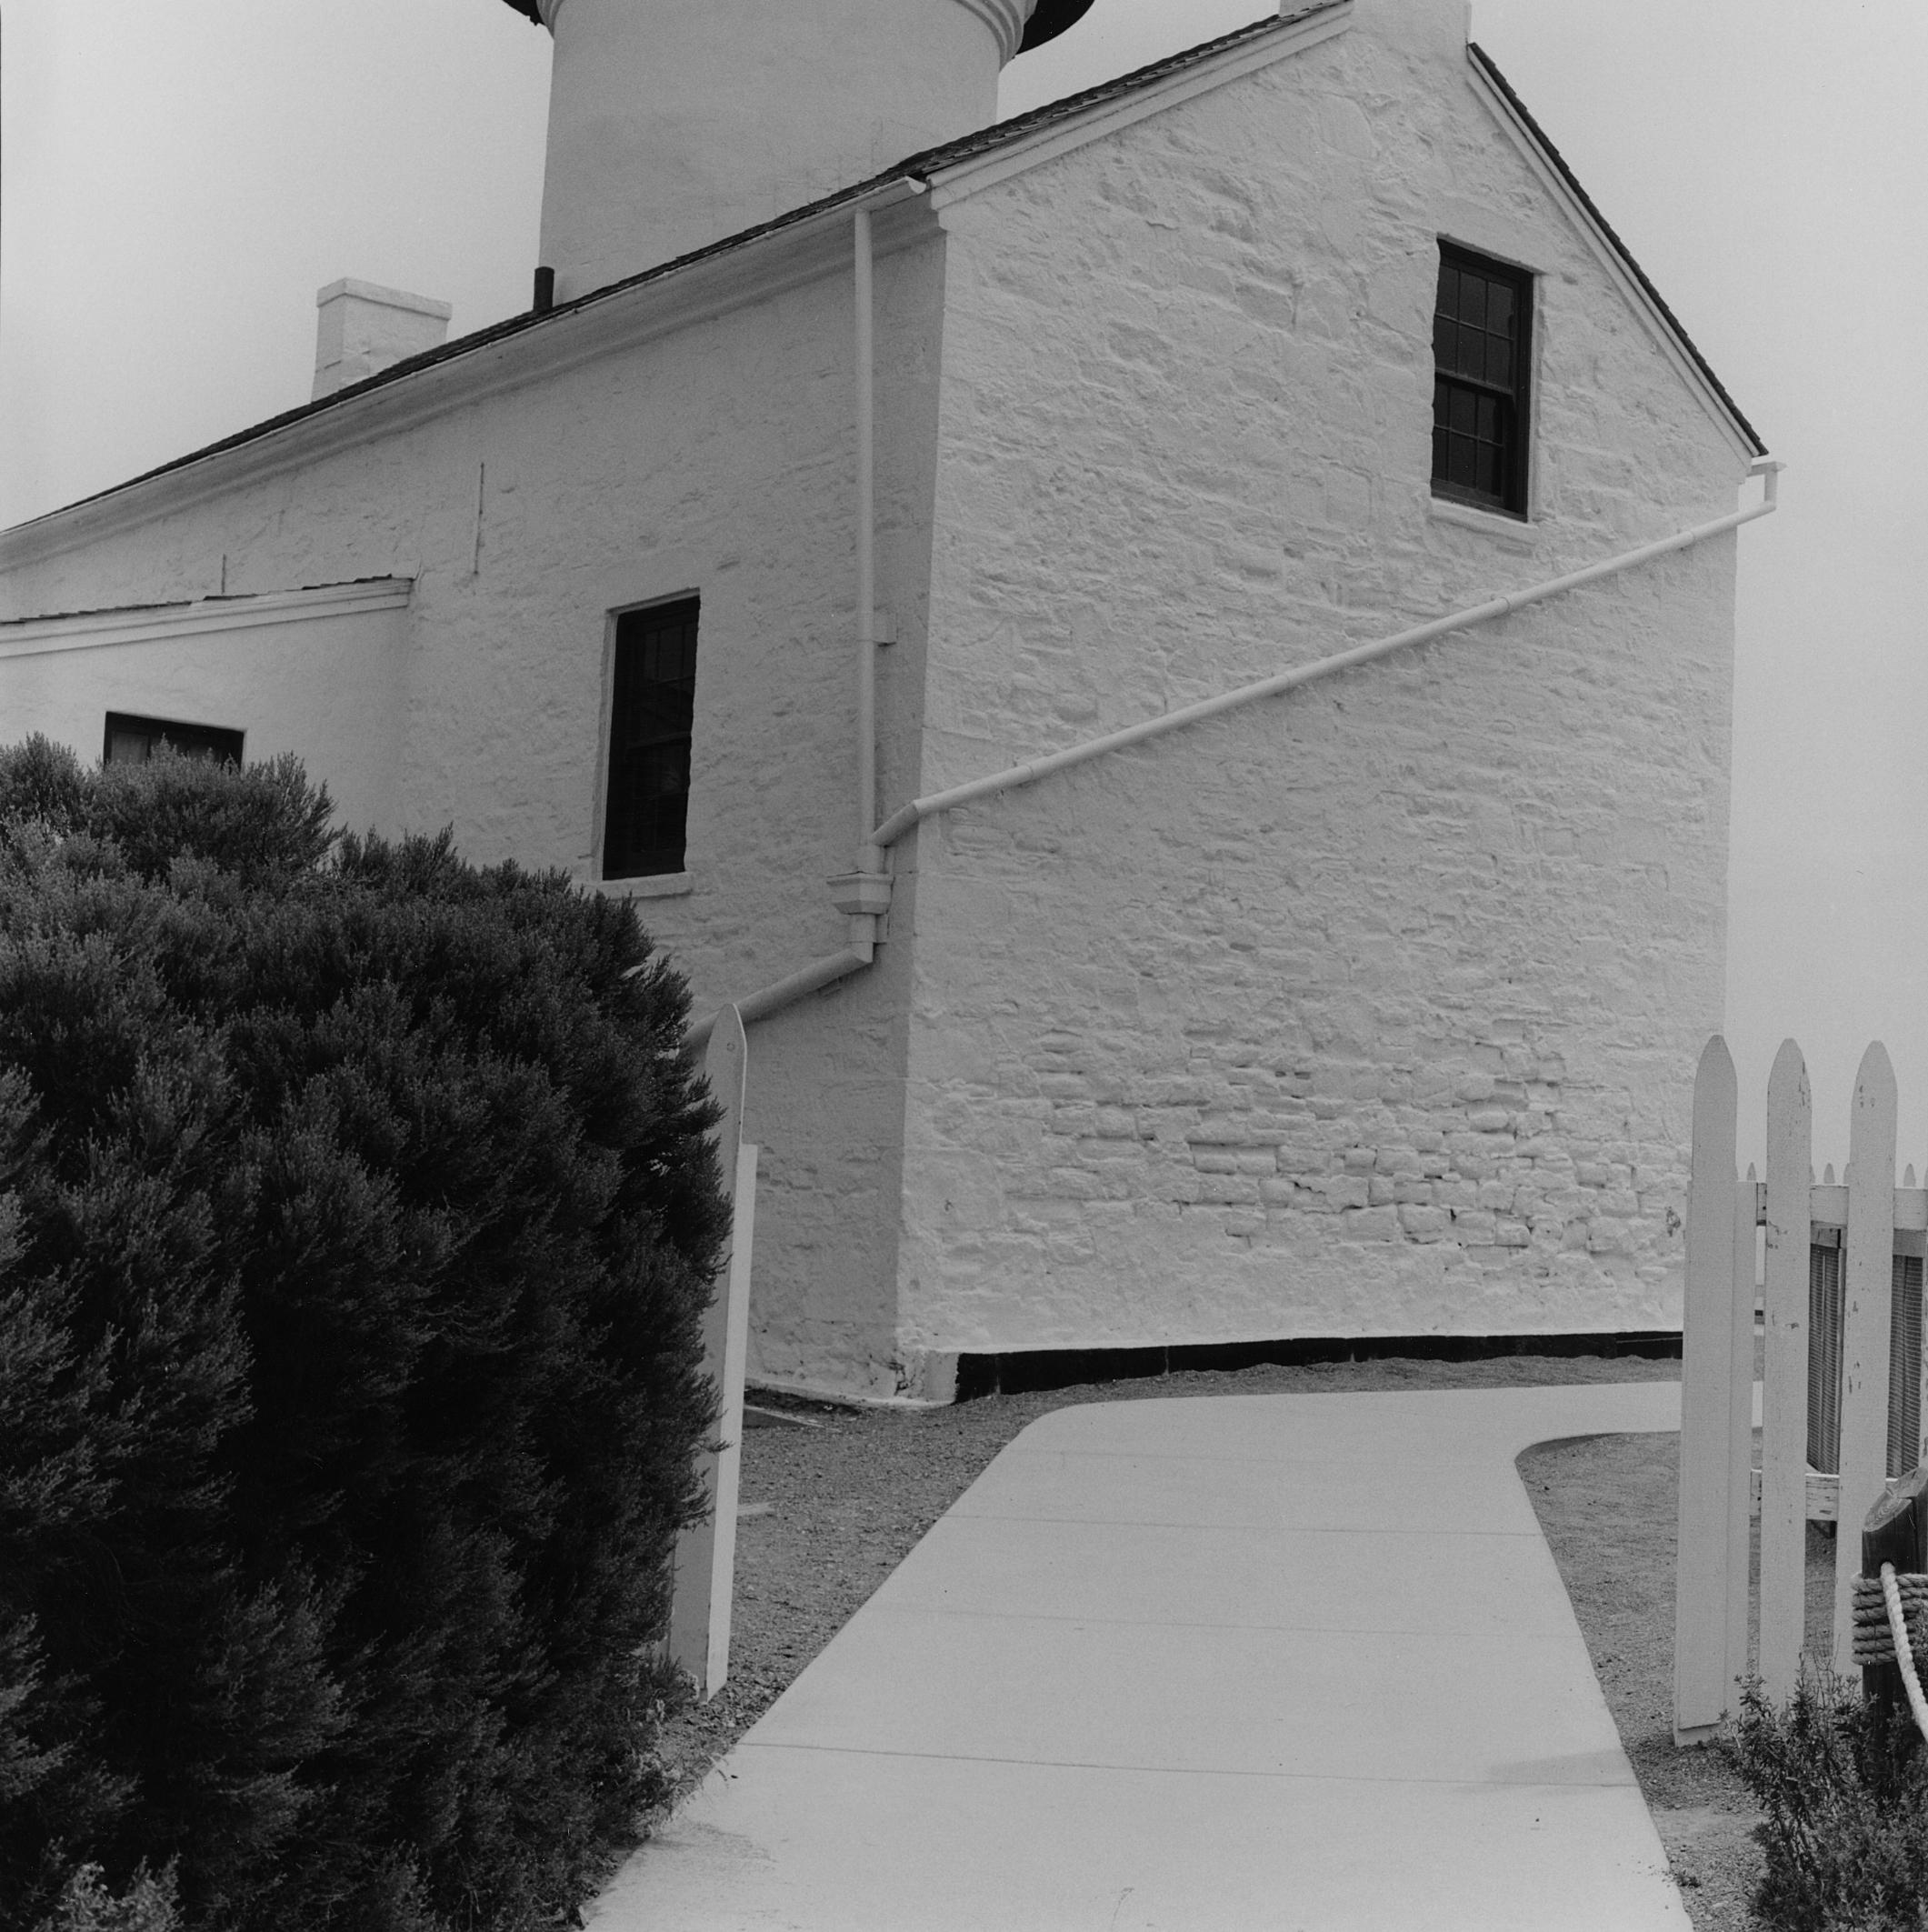 Point Loma Lighthouse,  San Diego, California, 2015